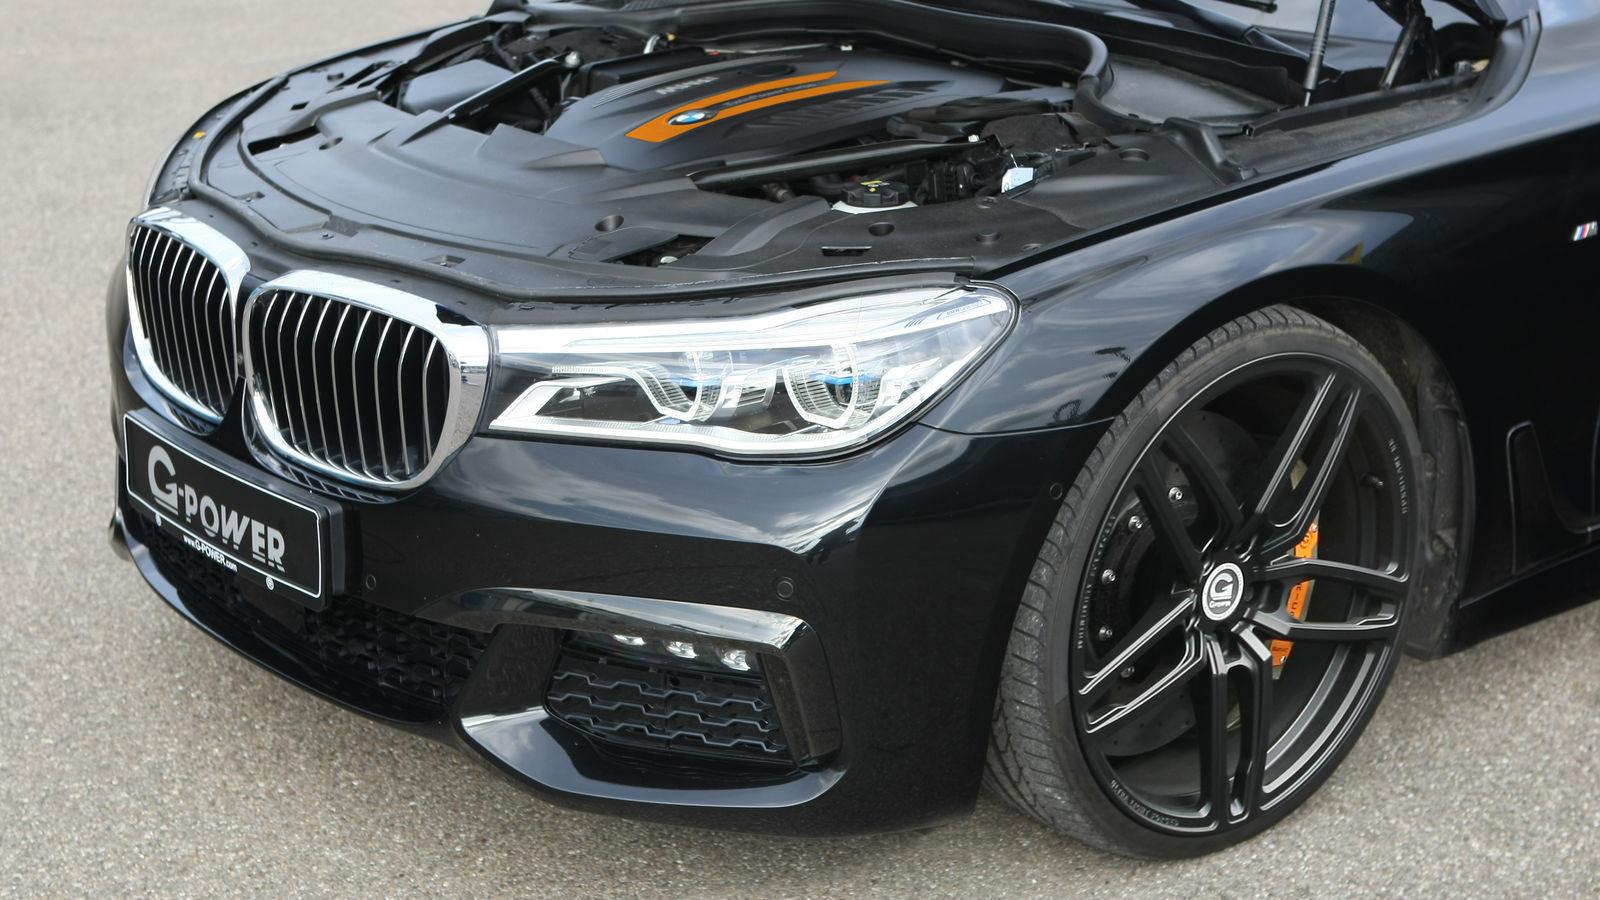 Ателье G-Power представило переработанный дизельный седан БМВ 750d